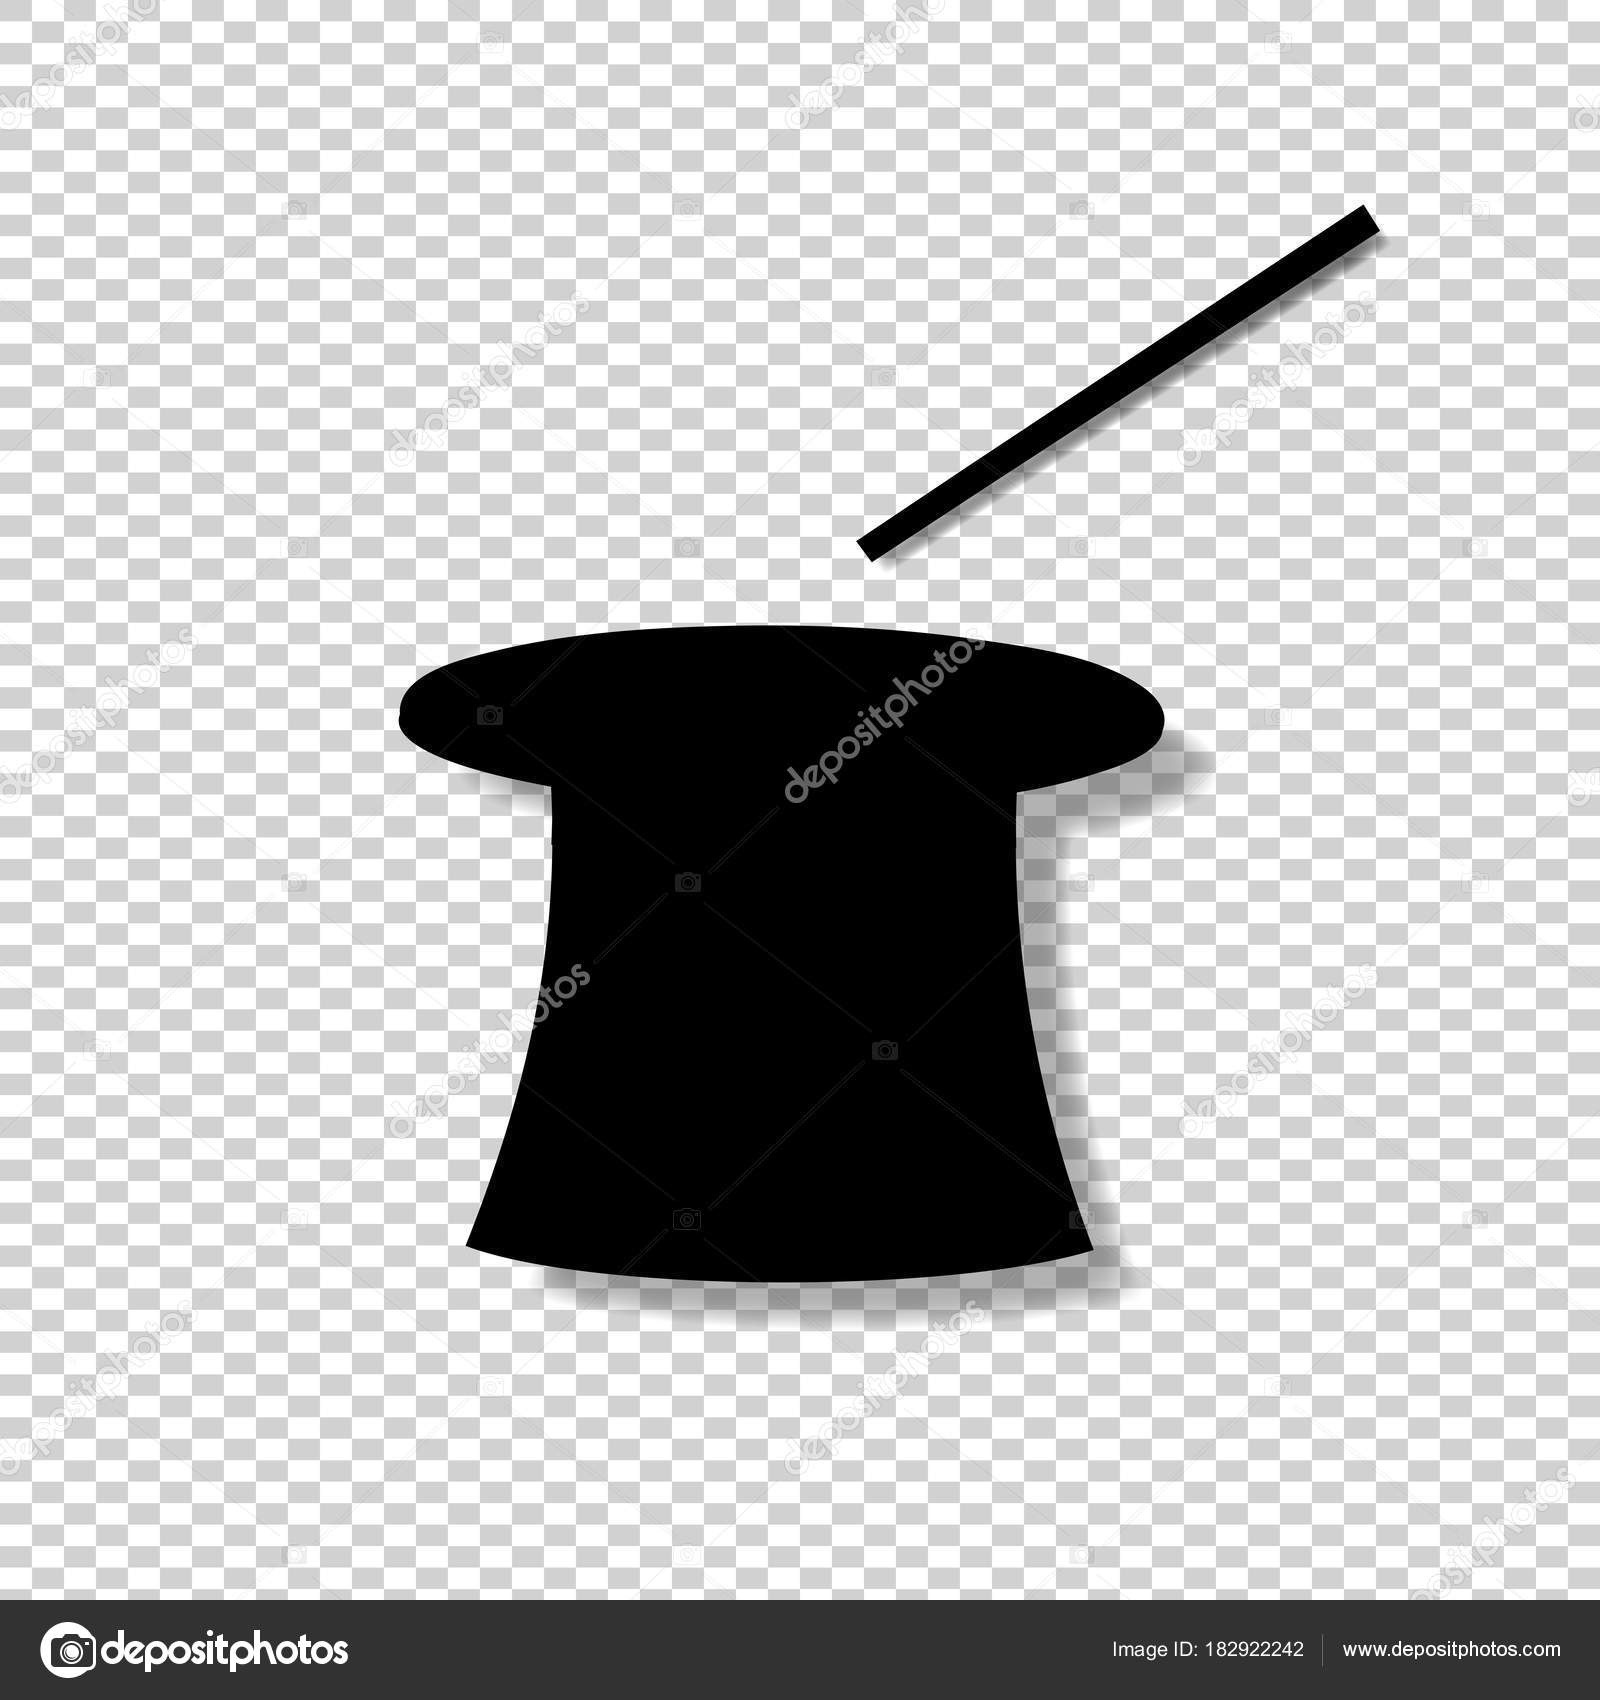 Siluetta nera del cappello a cilindro magico e bacchetta isolato su sfondo  trasparente. Illustrazione vettoriale 0d0d6a0d3b8c